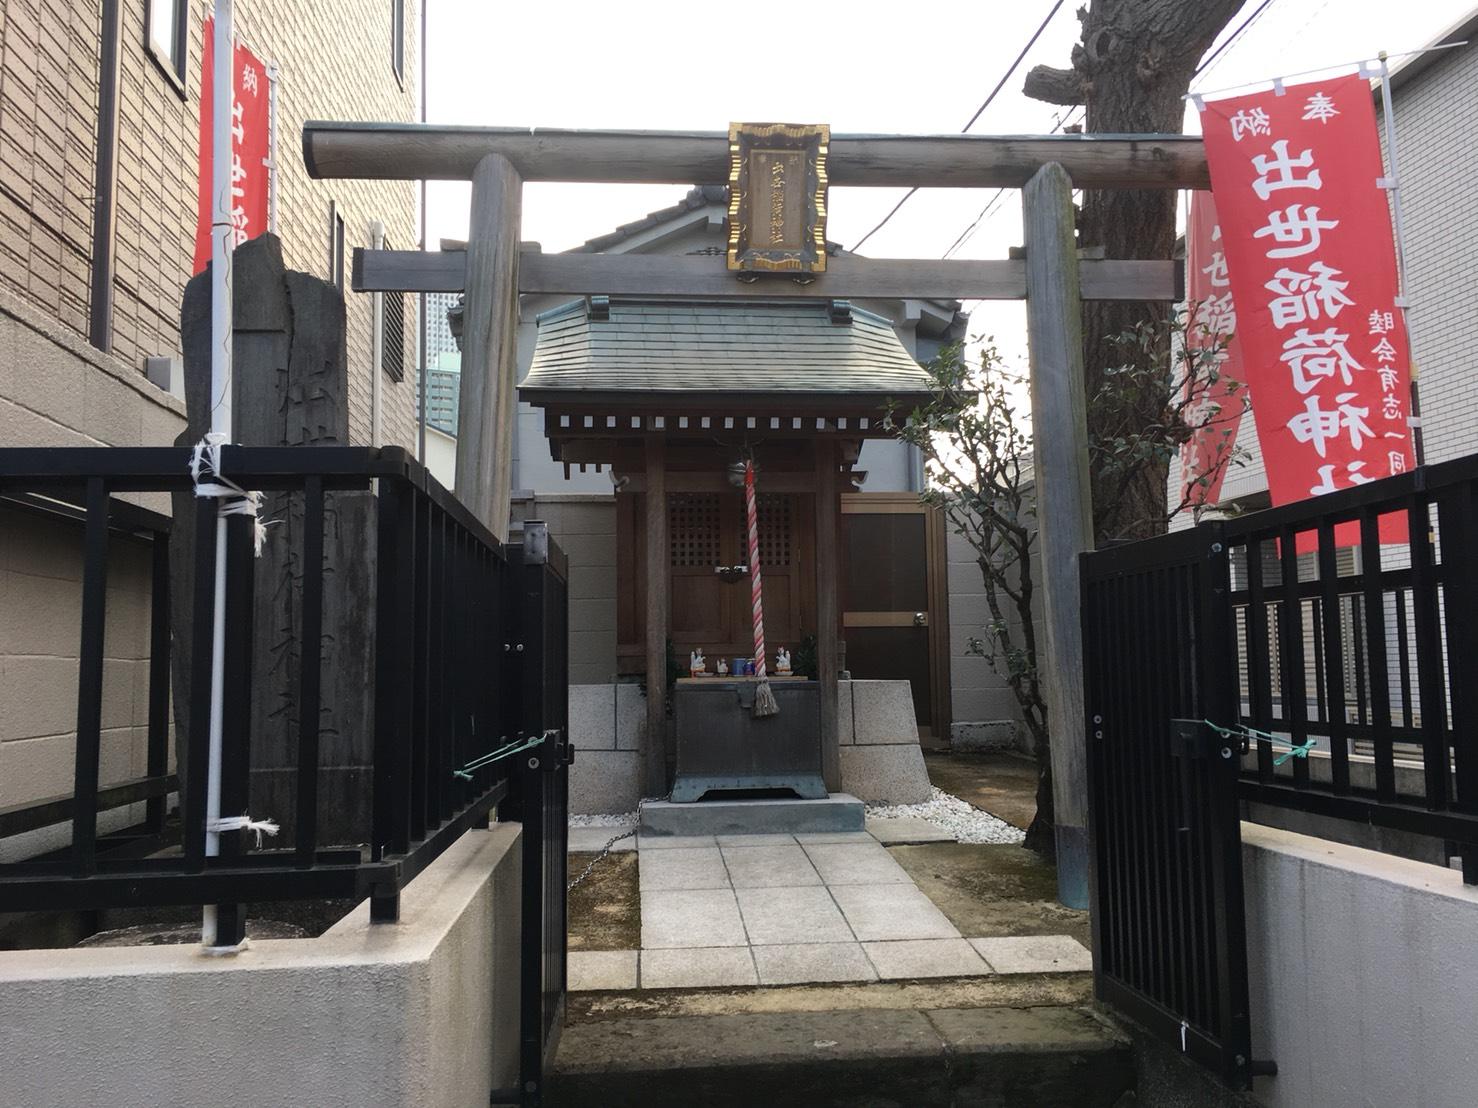 【大塚駅】ぶらり、ちょこっと大塚さんぽ。空蝉橋から抜けるスカイツリーが気持ちいい!の出世稲荷神社への行き方3